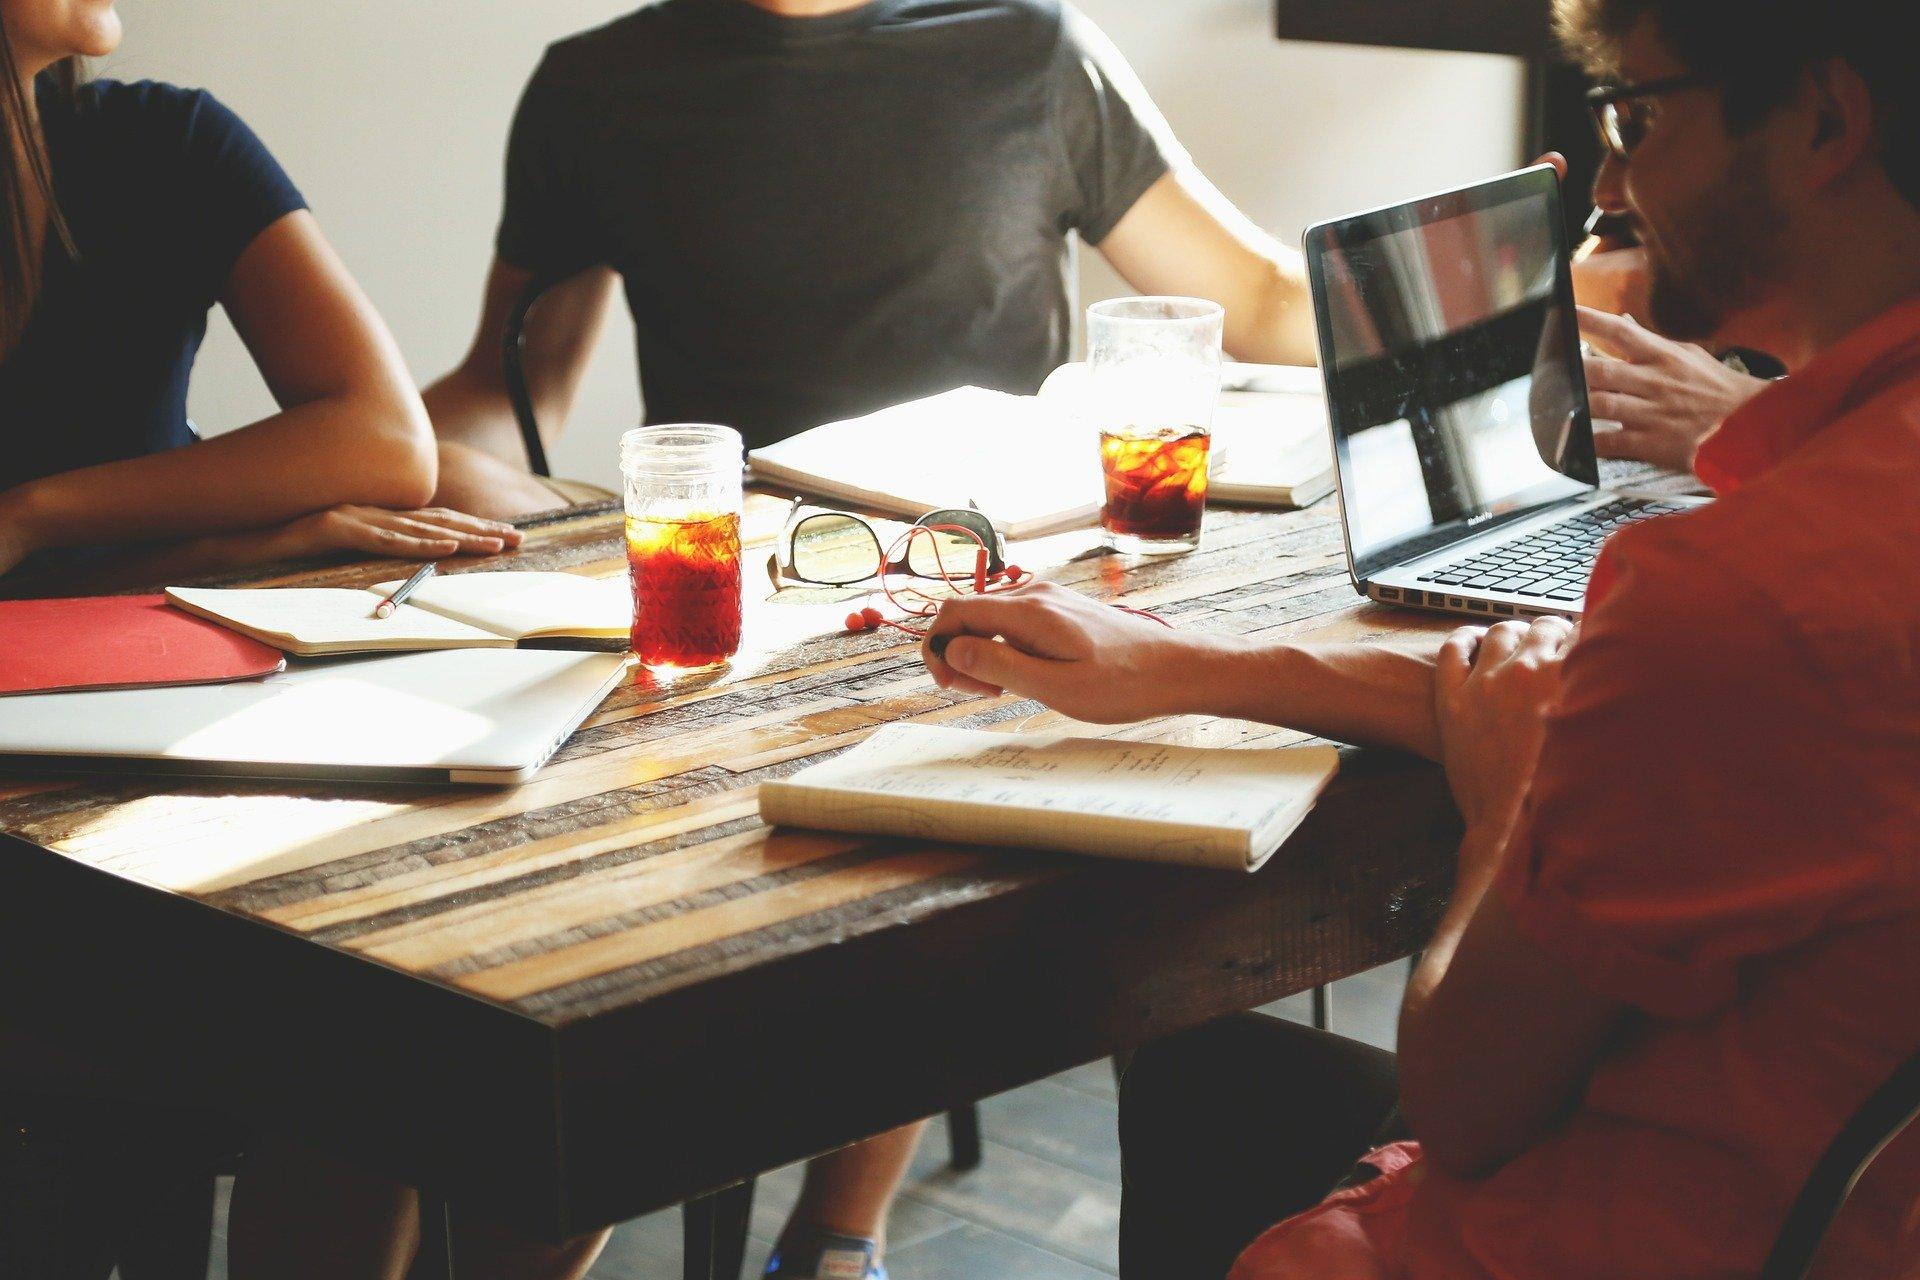 effectief vergaderen besluitvorming afspraken maken